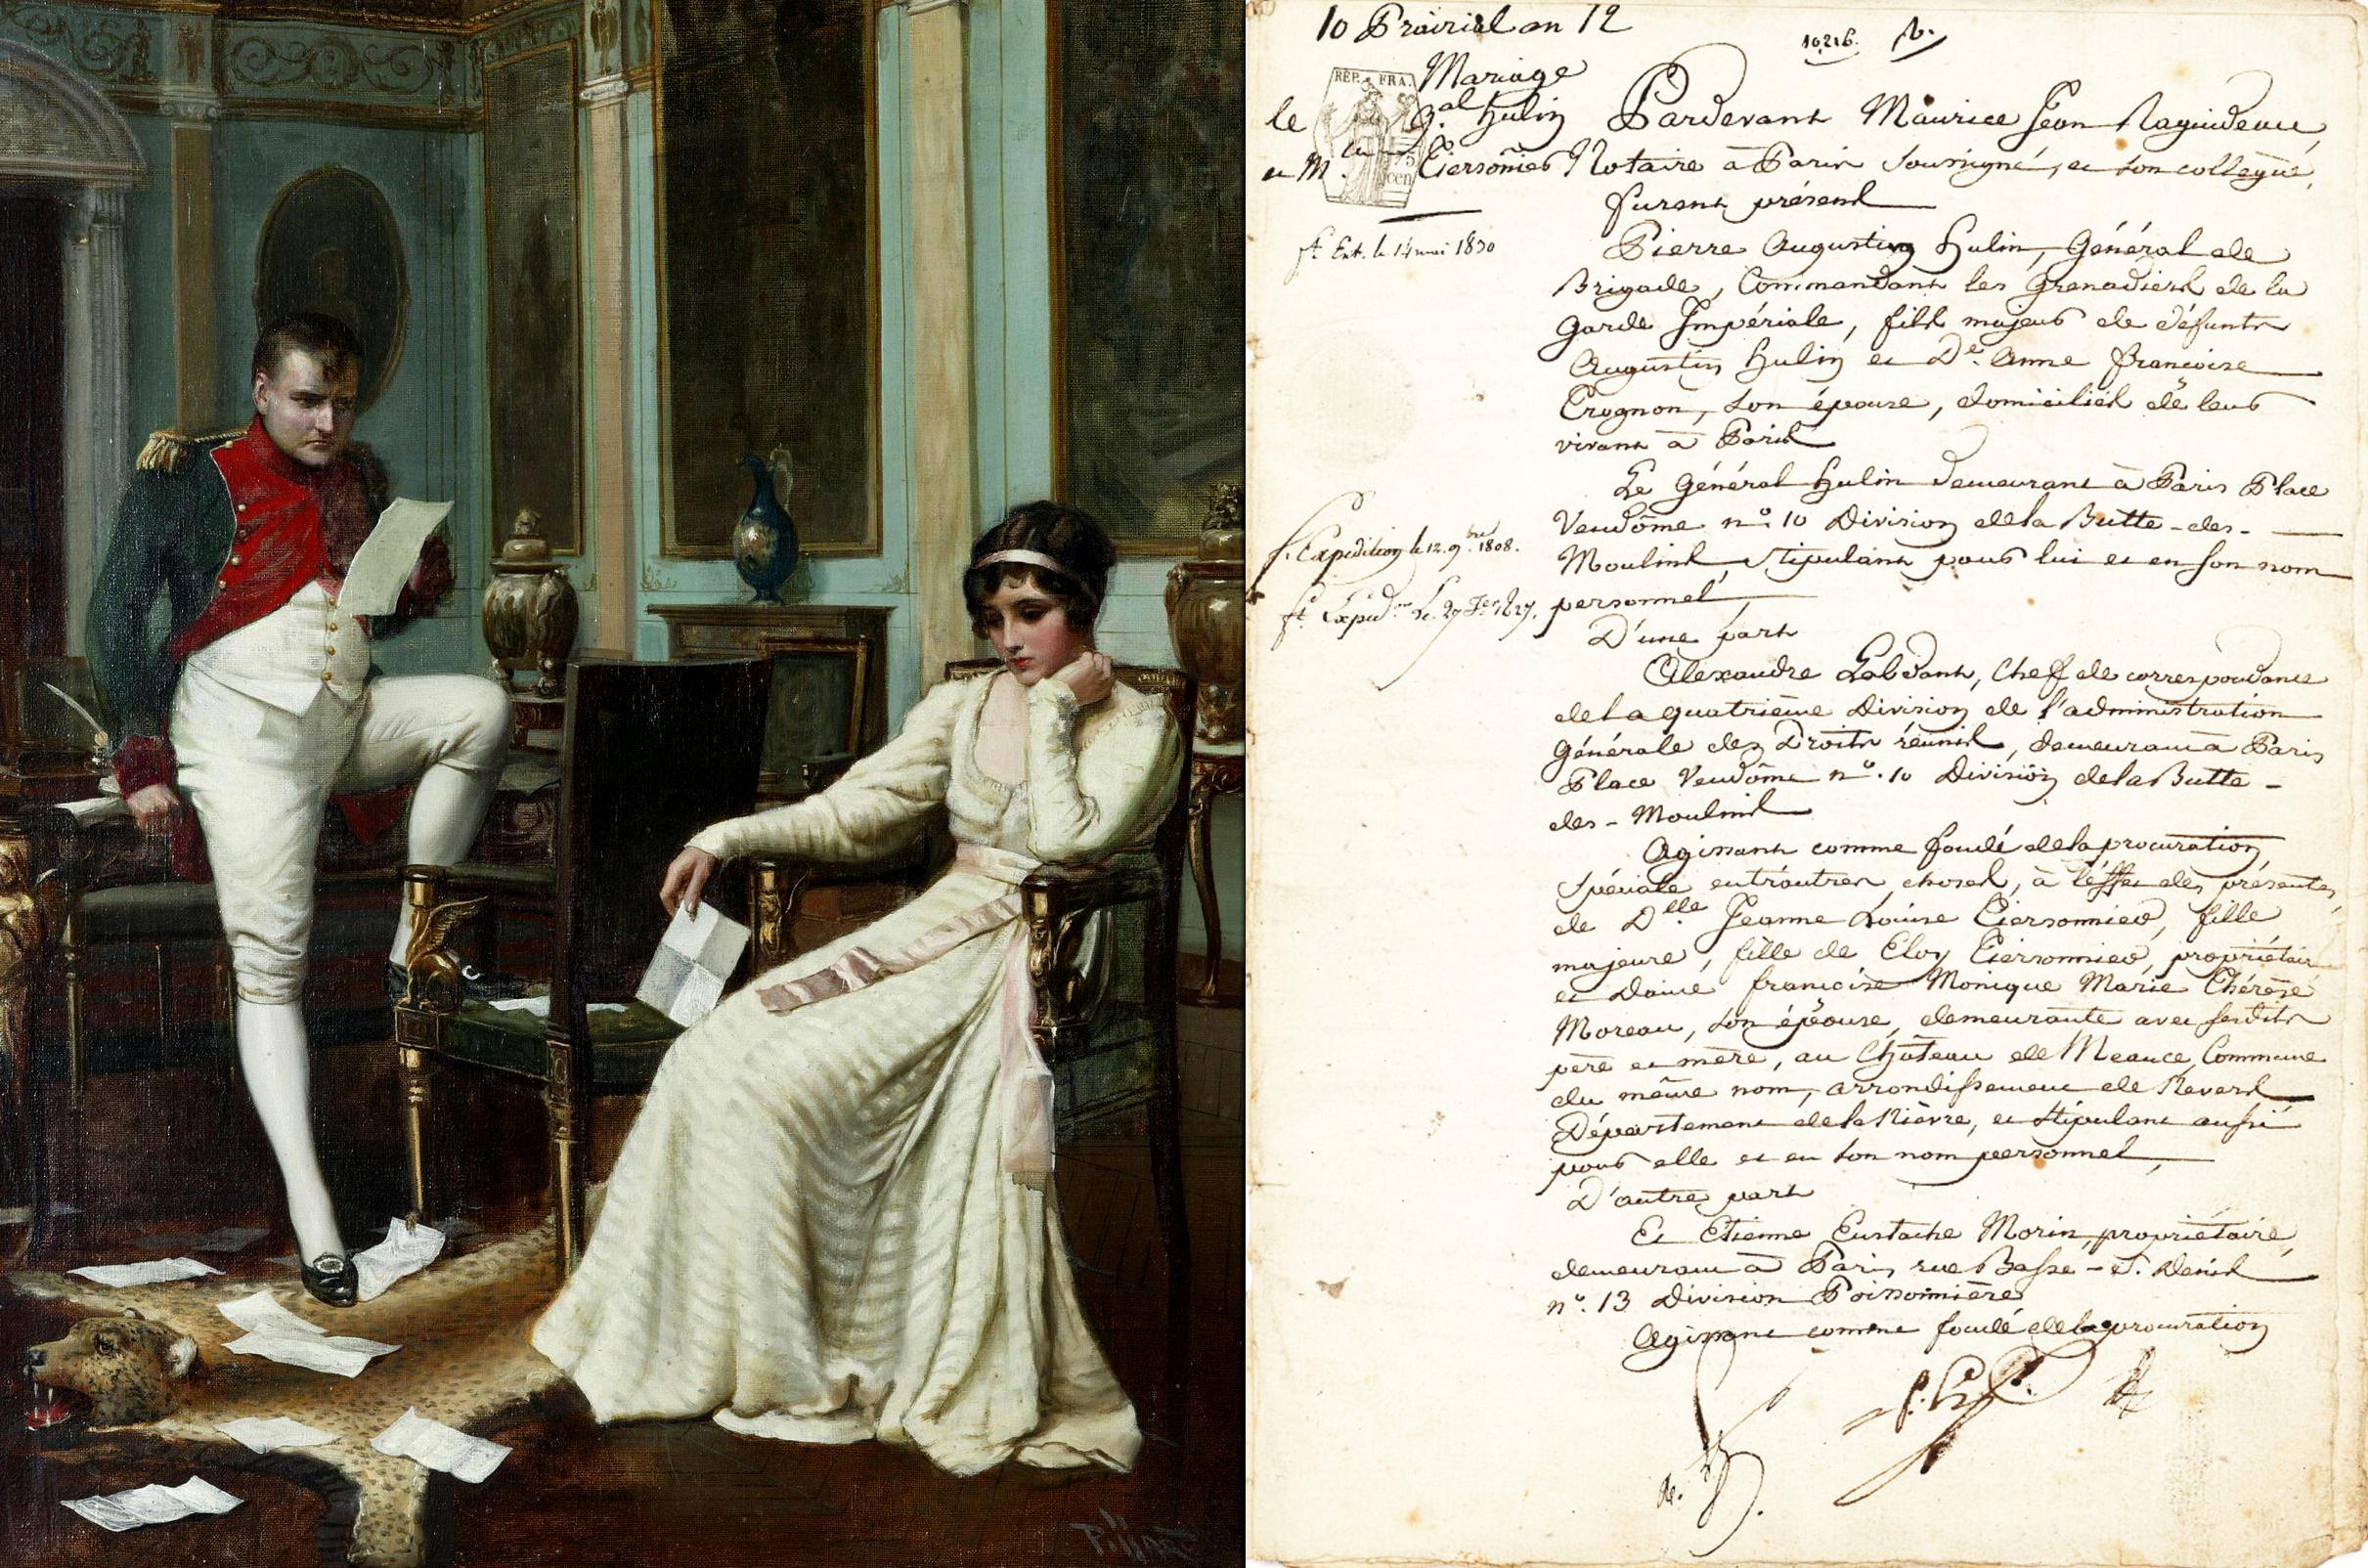 Гарольд Пиффард. Наполеон и Жозефина, конец 19 века / Брачный контракт Наполеона и Жозефины